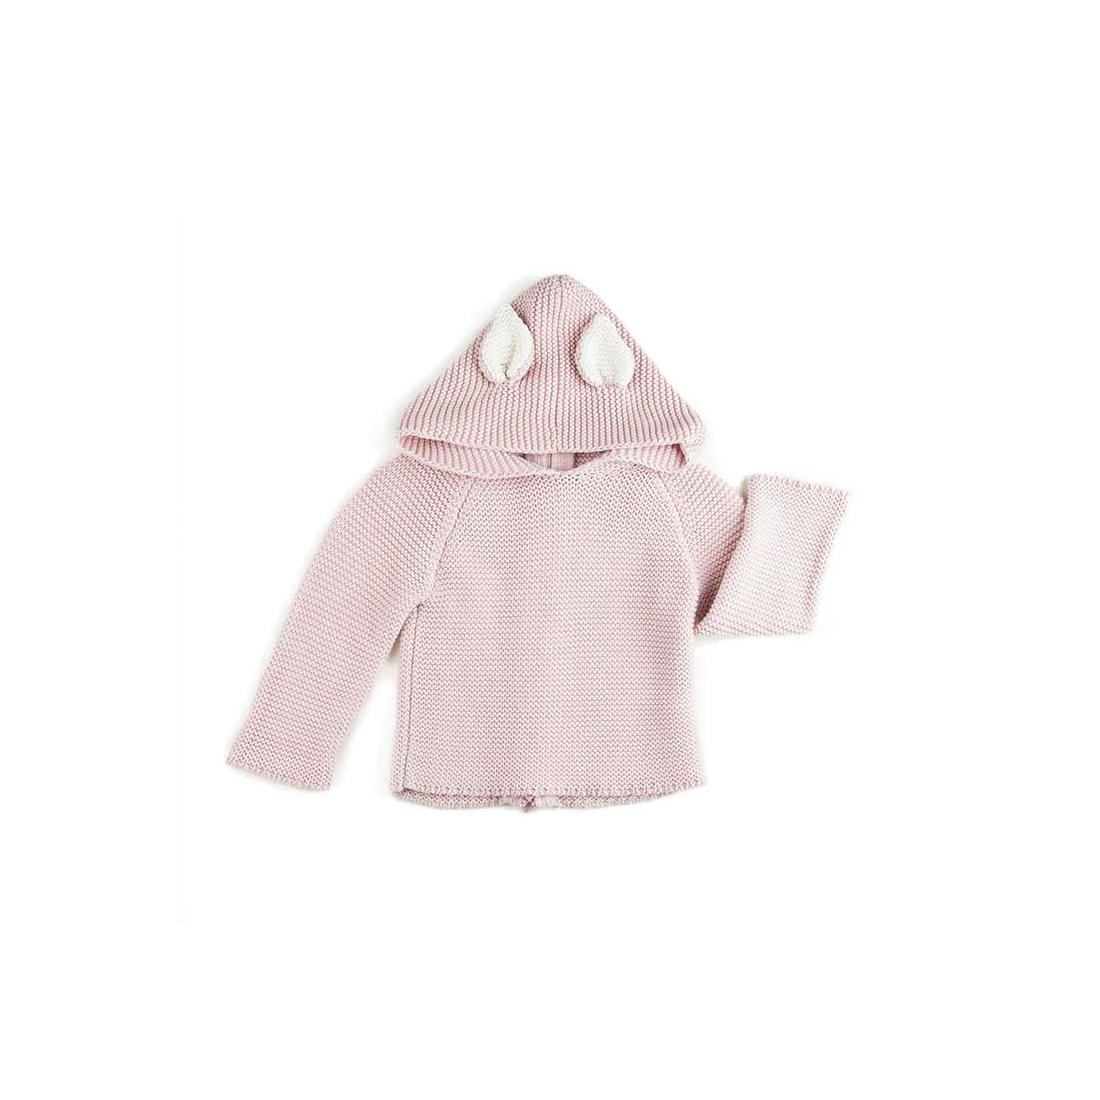 emballage fort 100% de haute qualité belle et charmante Cardigan à capuche - Chat vieux rose - Œuf NYC Taille Age 6 ans